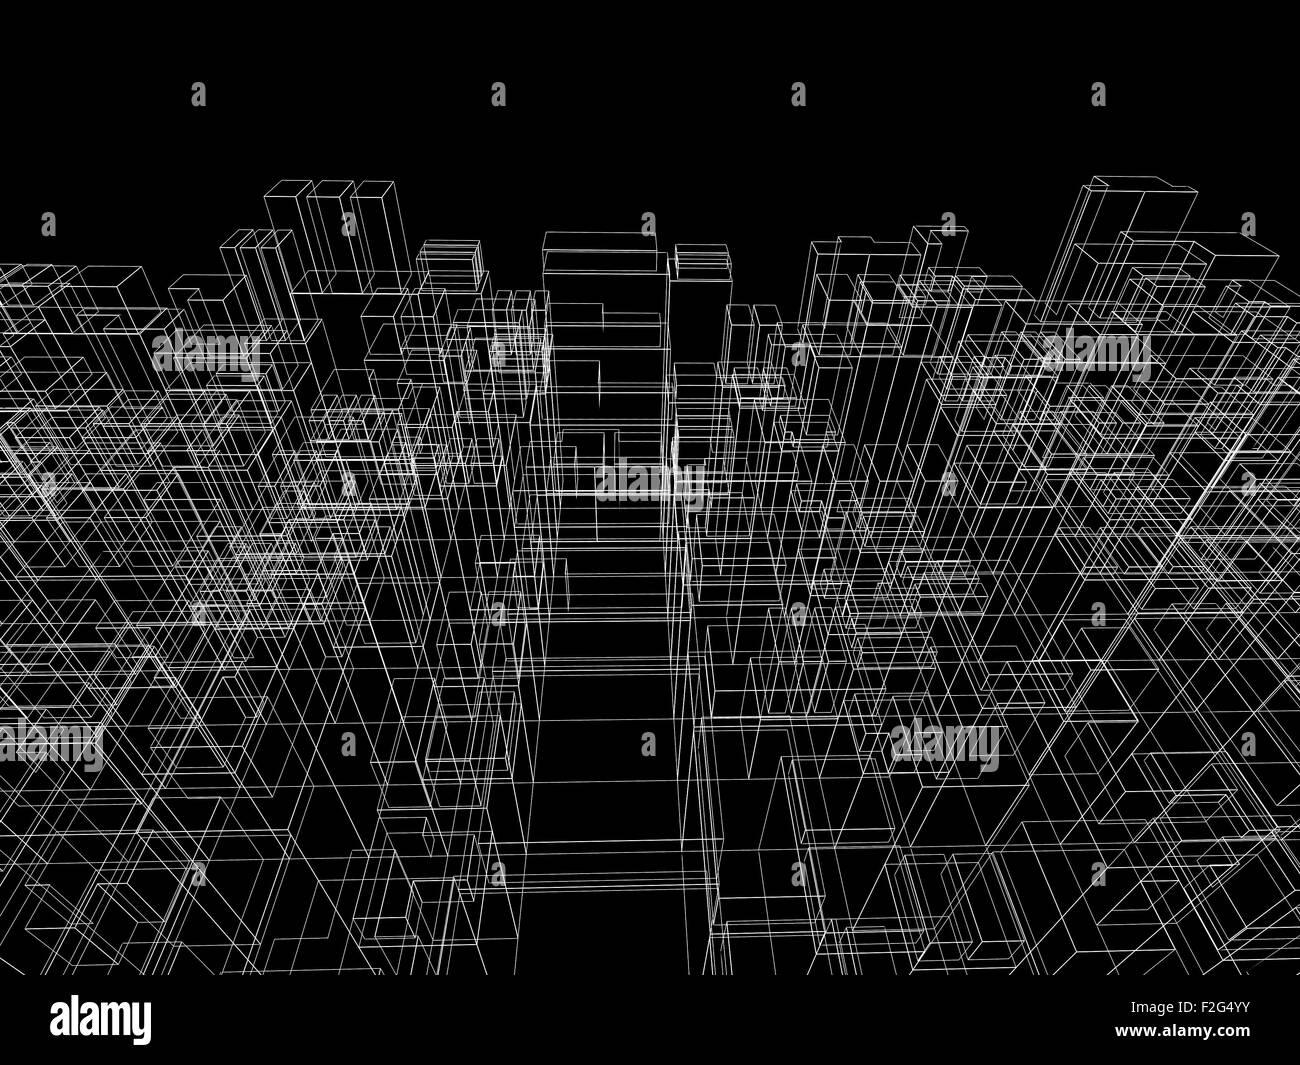 Fantastisch Drahtrahmen Diagramm Bilder - Elektrische Schaltplan ...